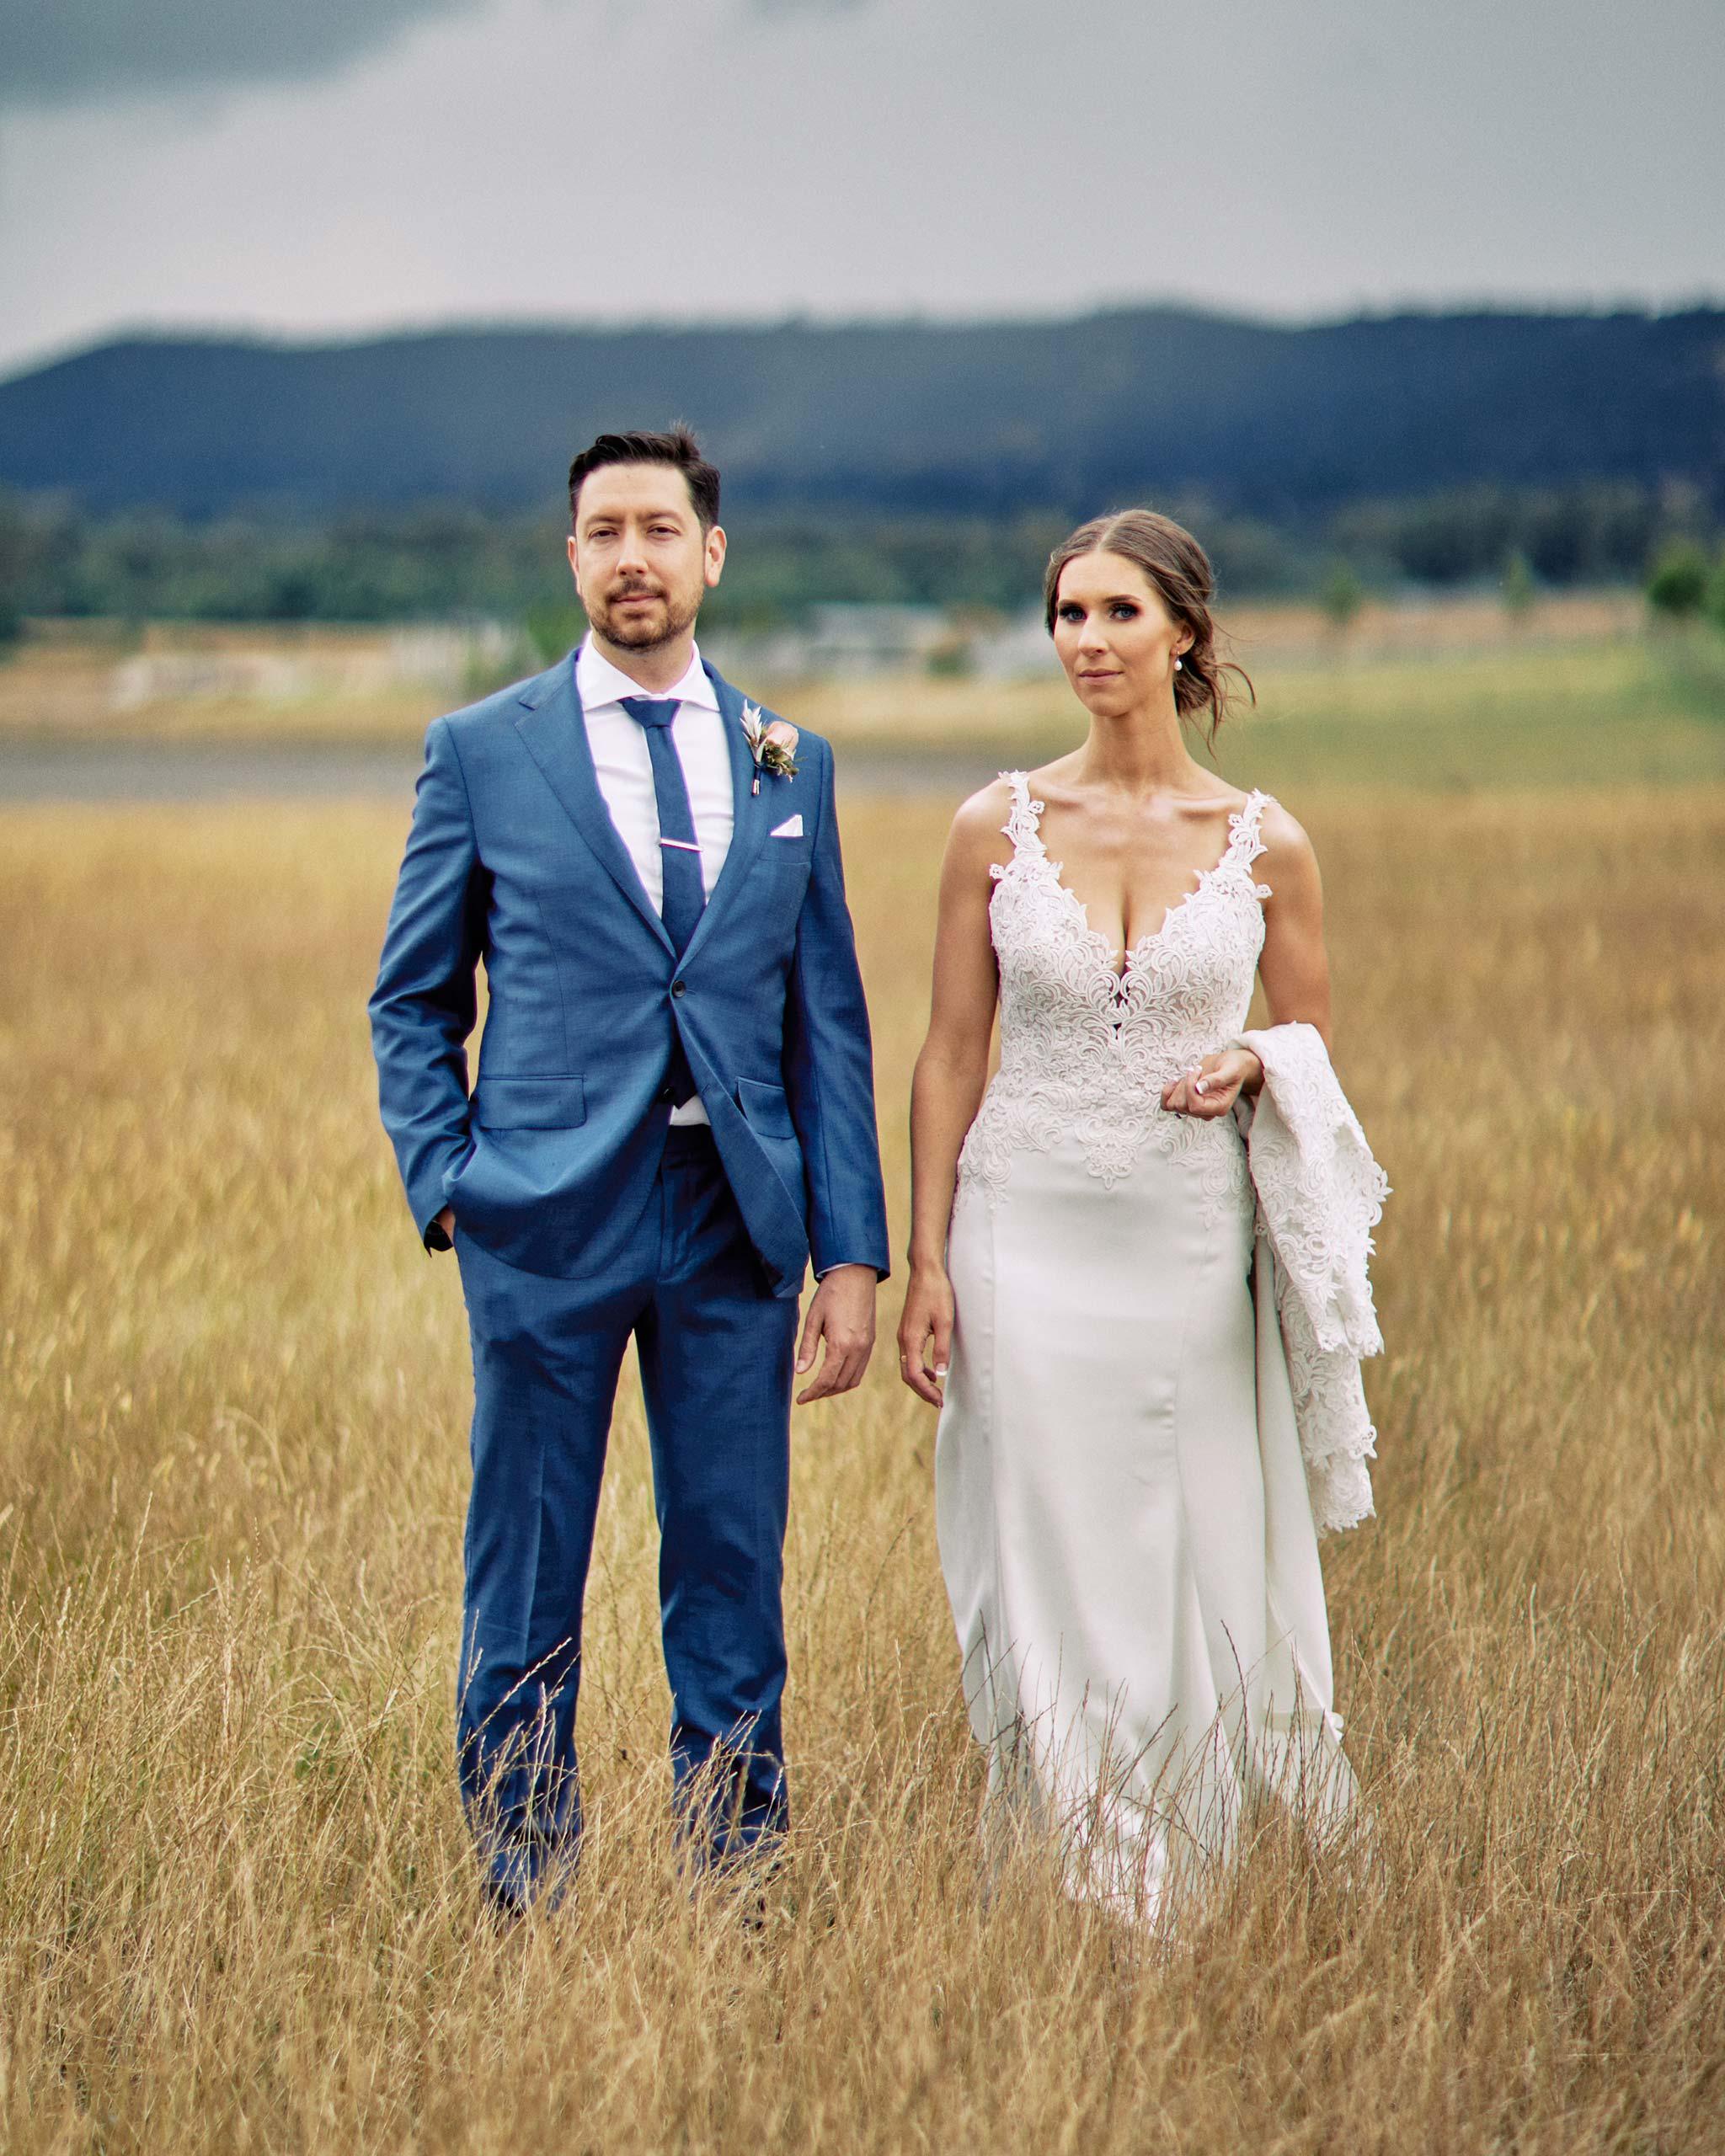 Zonzo estate wedding white dress